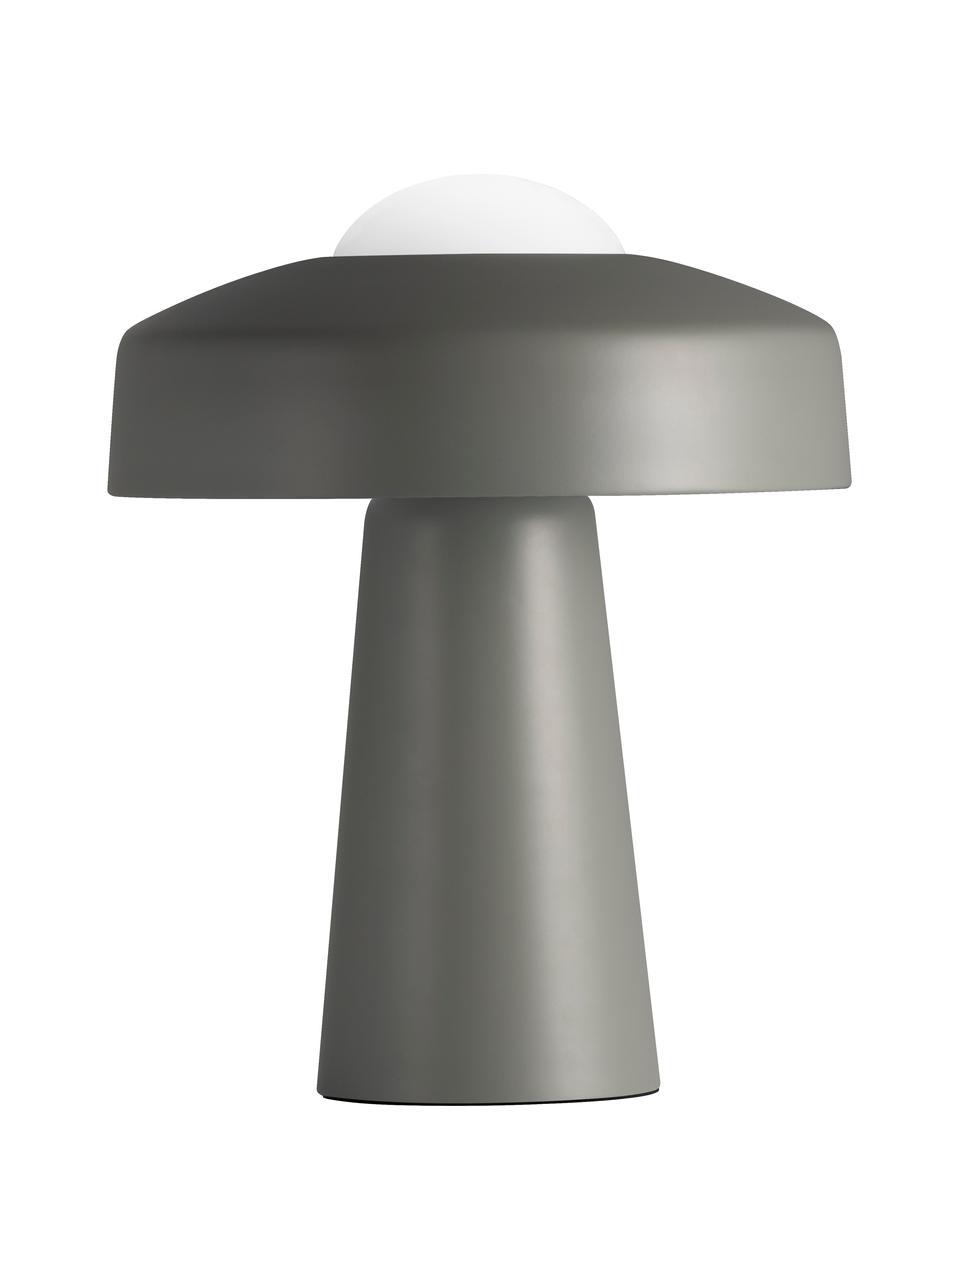 Design Tischlampe Time mit Touch-Funktion, Lampenschirm: Metall, beschichtet, Lampenfuß: Metall, beschichtet, Grau, Weiß, Ø 27 x H 34 cm